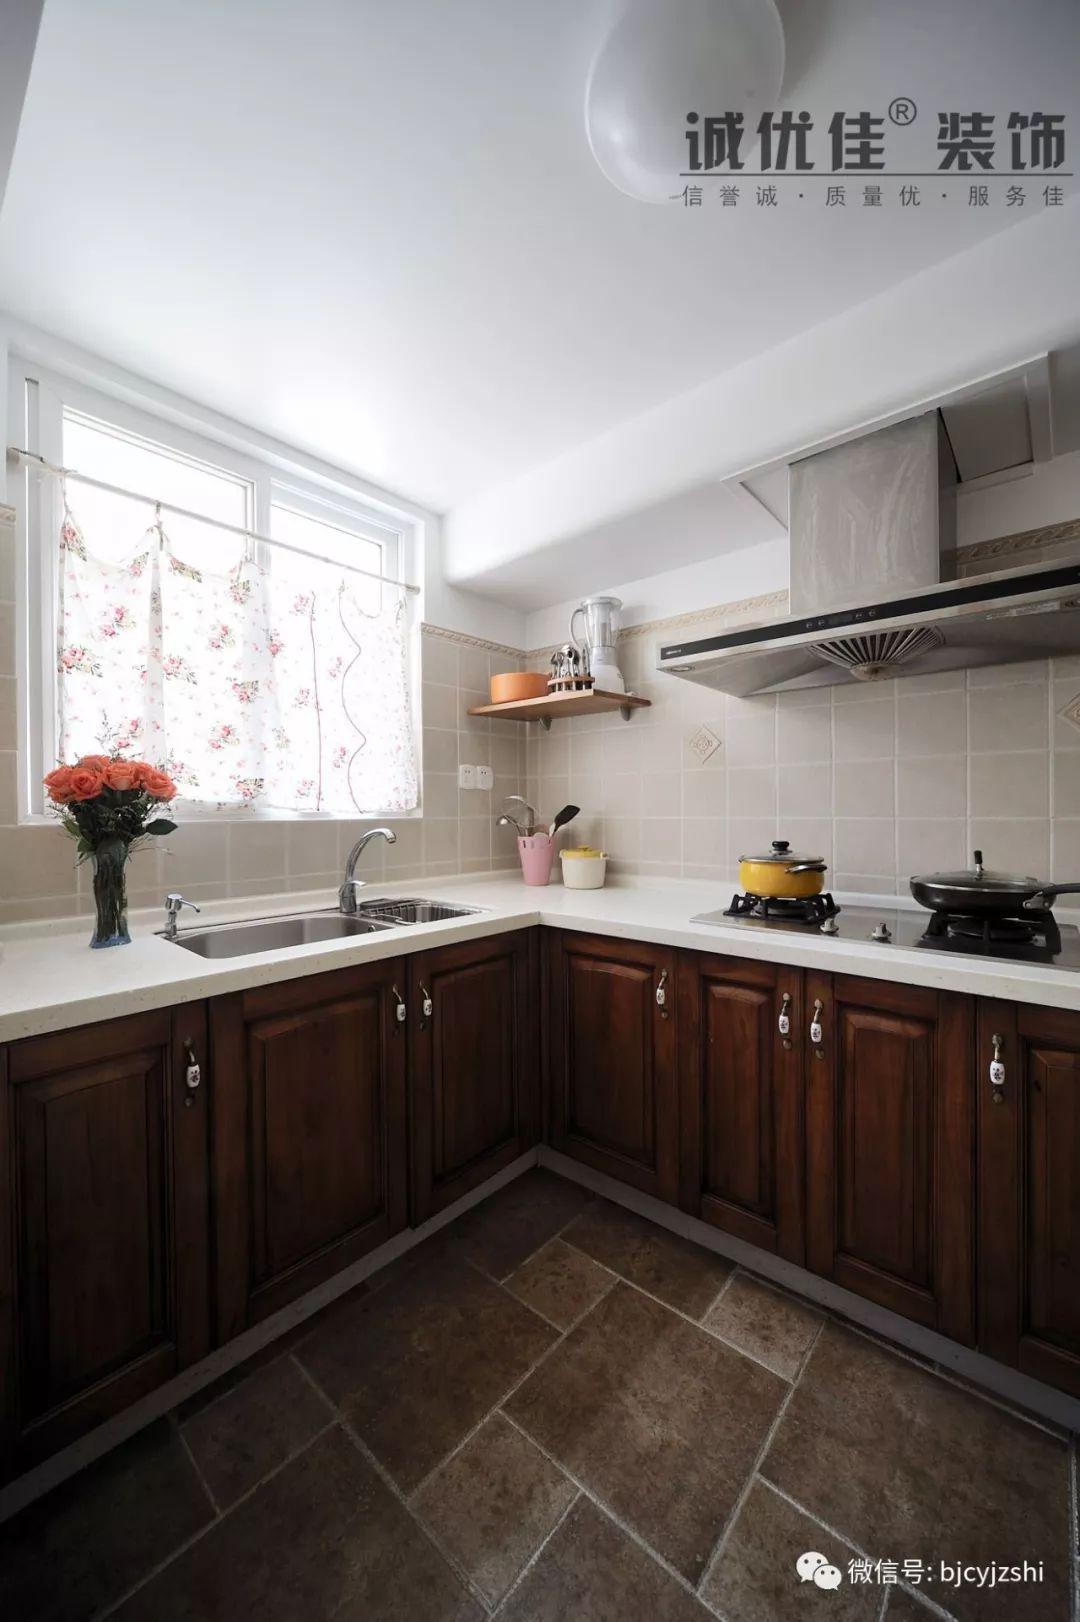 古朴户外厨房装修